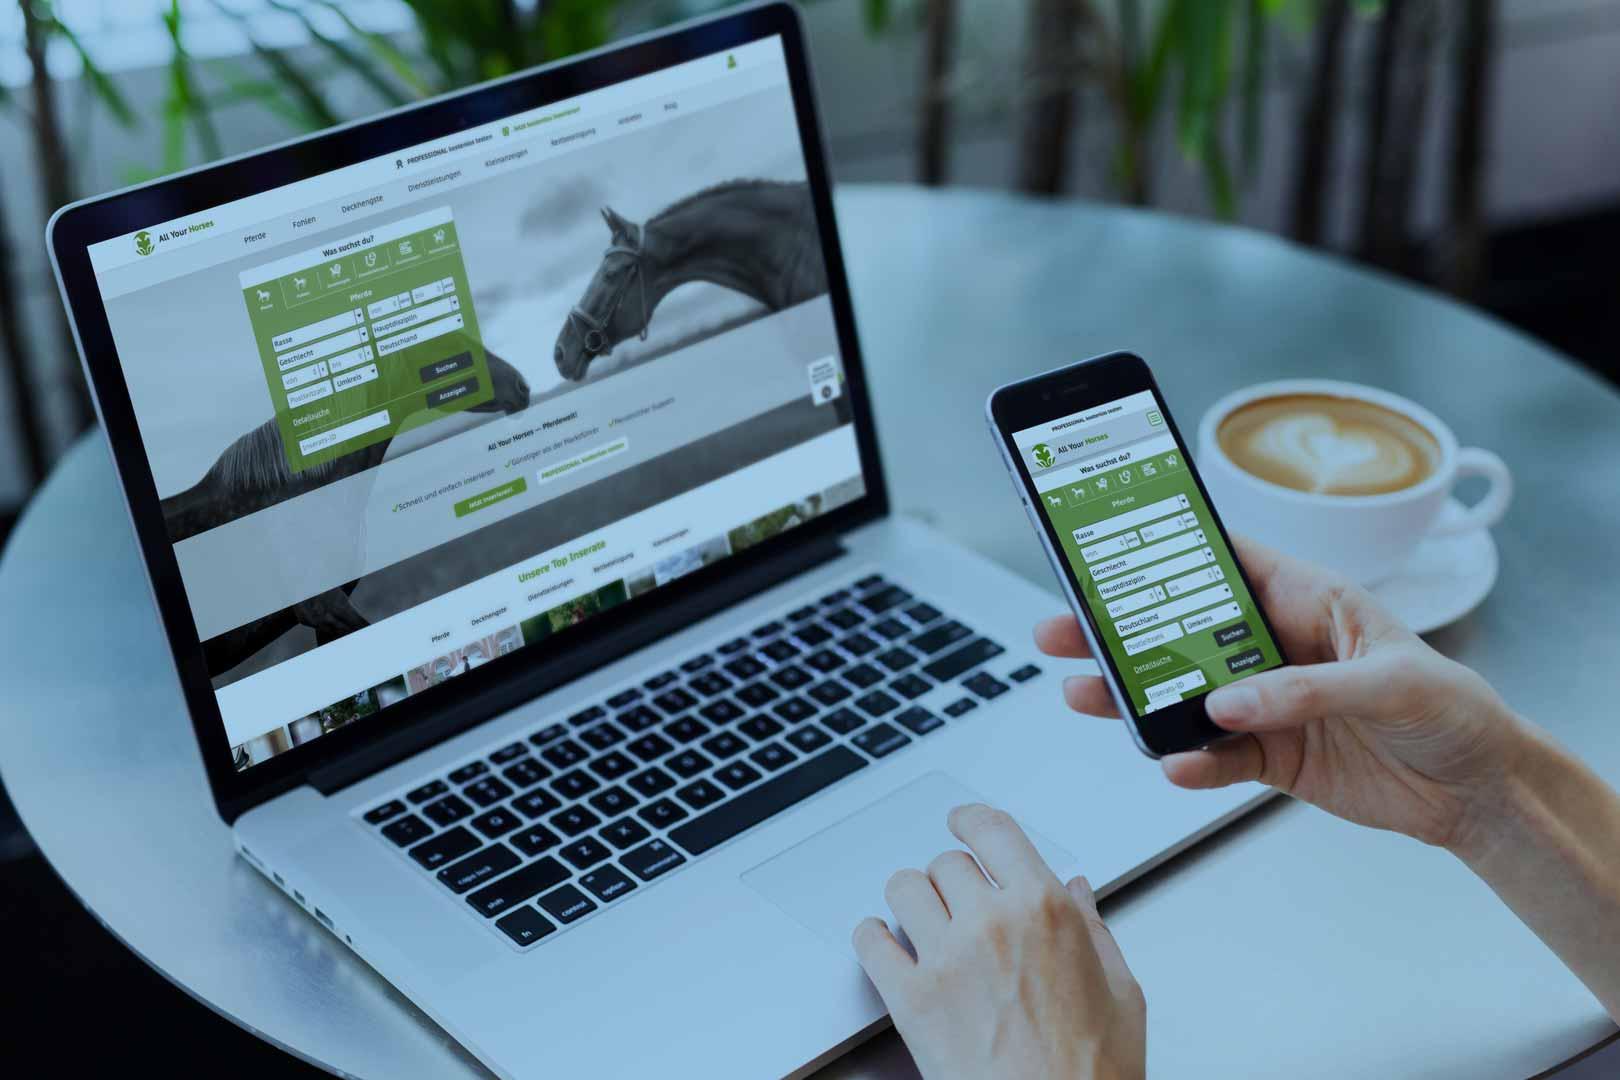 Handy und Laptop mit der Startseite des Onlineportals All Your Horses